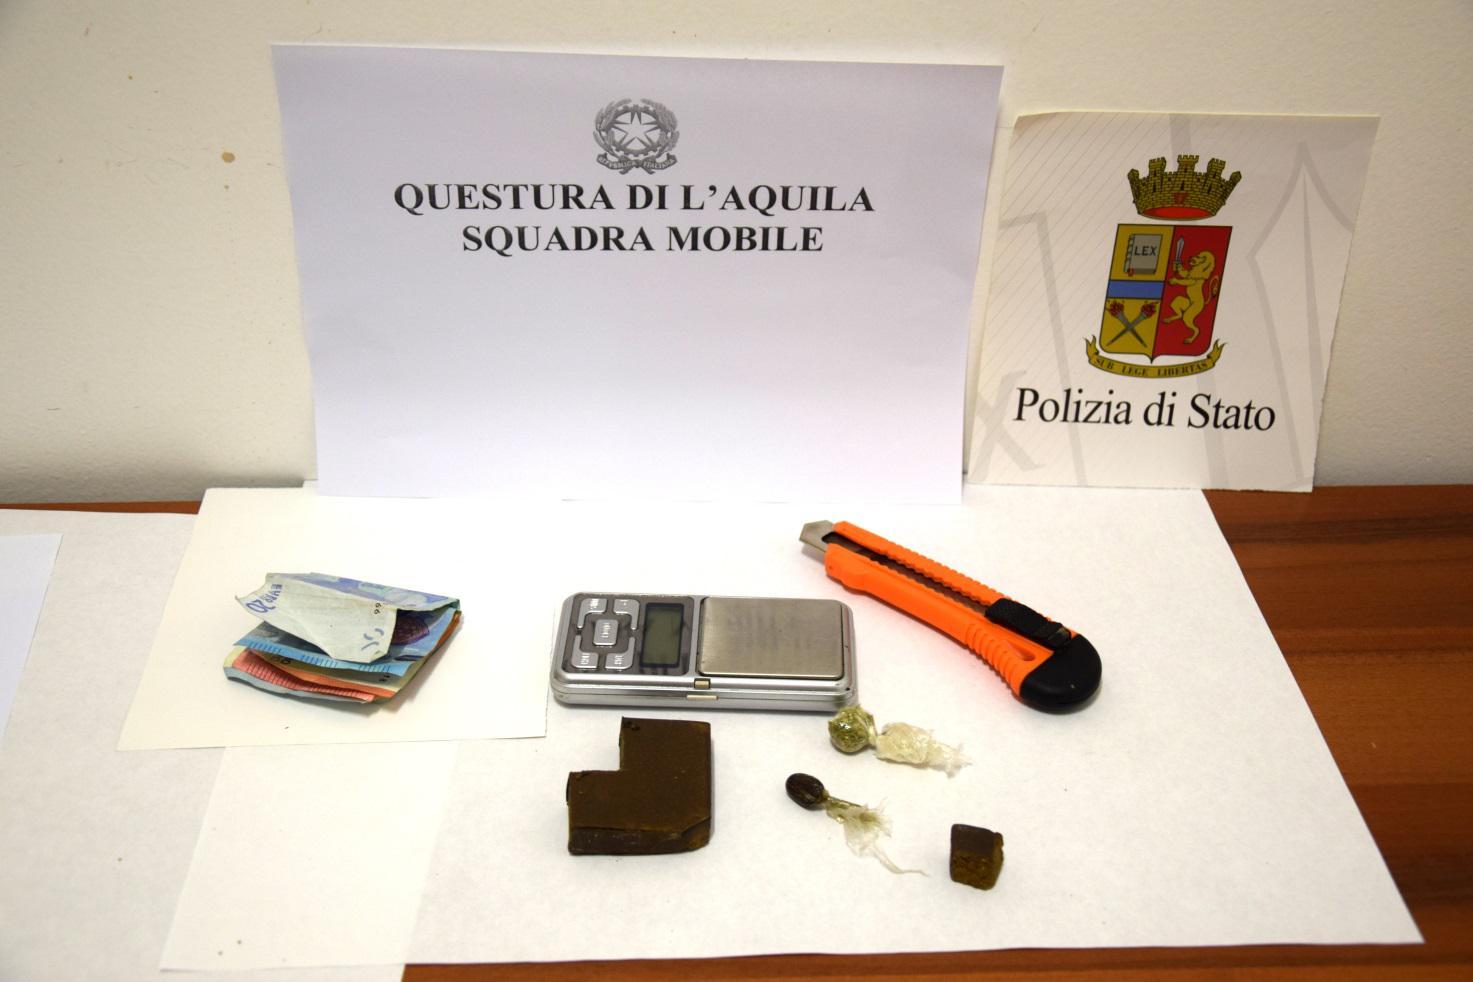 Servizi mirati della Polizia di Stato in occasione della movida aquilana